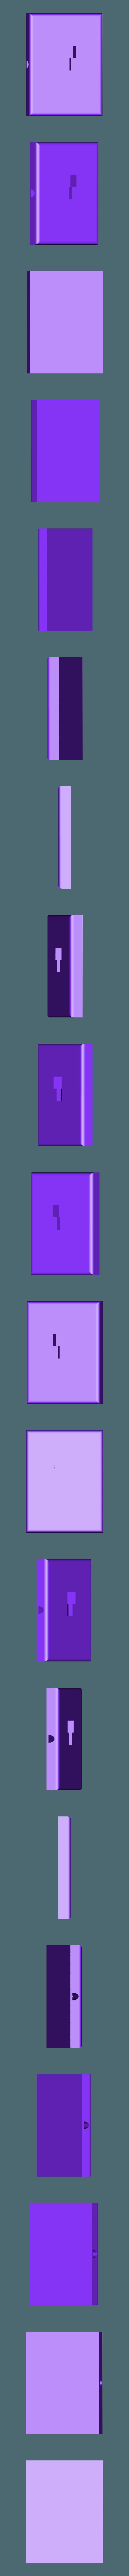 BottomRight.STL Télécharger fichier STL gratuit Échiquier vertical, alias l'Échiquier à l'épreuve des chats • Design à imprimer en 3D, SSilver